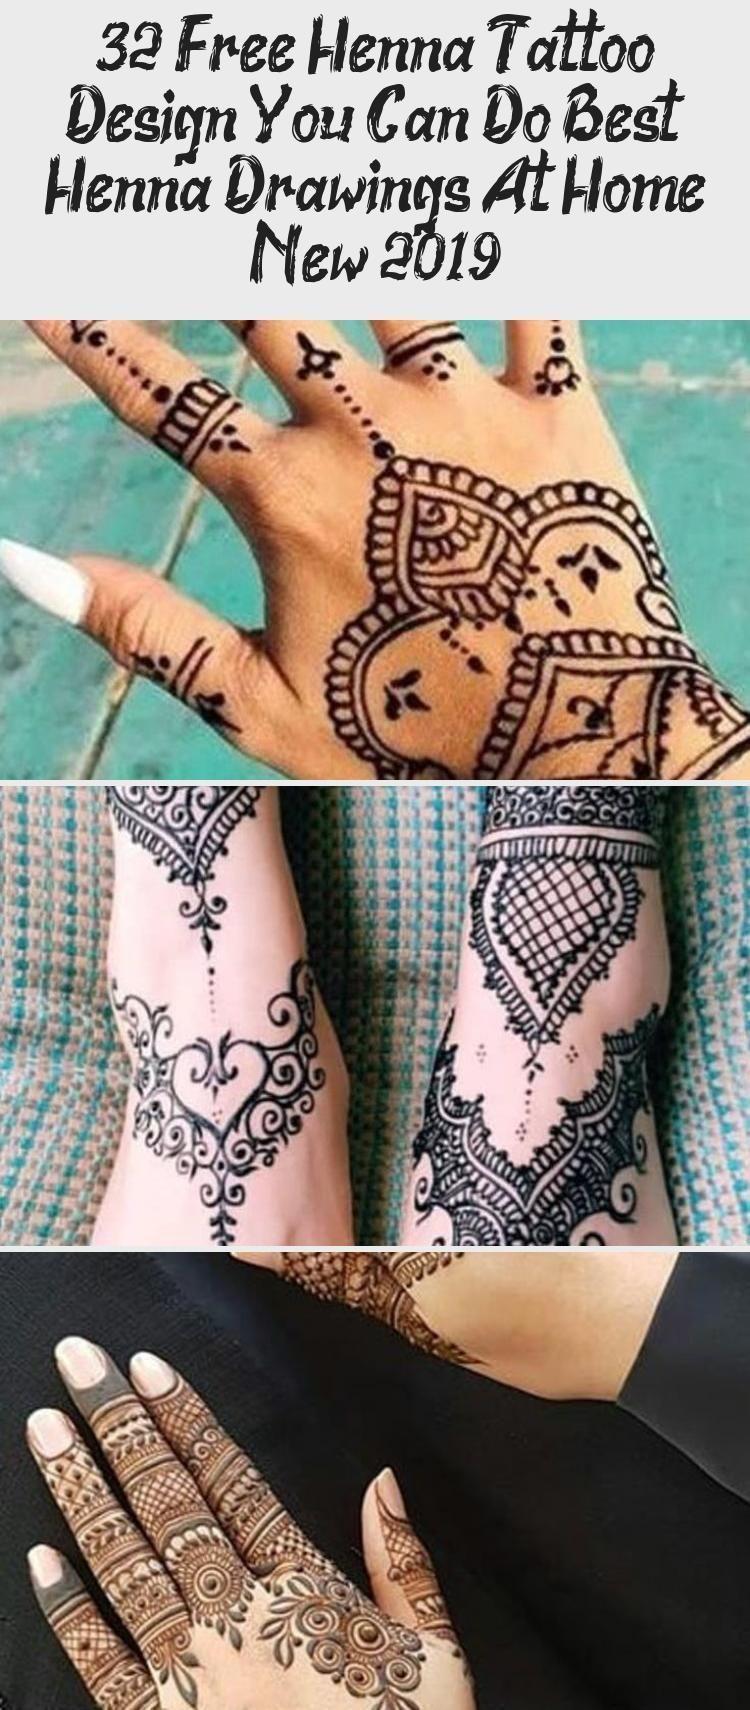 32+ Kostenlose Henna-Tattoo-Design - Sie können am besten Henna-Zeichnungen zu ... -  32+ Kostenlose Henna-Tattoo-Design – Sie können am besten Henna-Zeichnungen zu Hause machen New  - #besten #bodyartideas #bodyimageart #bodypositivitydrawings #drawingbody #HennaTattooDesign #HennaZeichnungen #können #KOSTENLOSE #paintingbody #Sie #tattoobody #womensbodyart